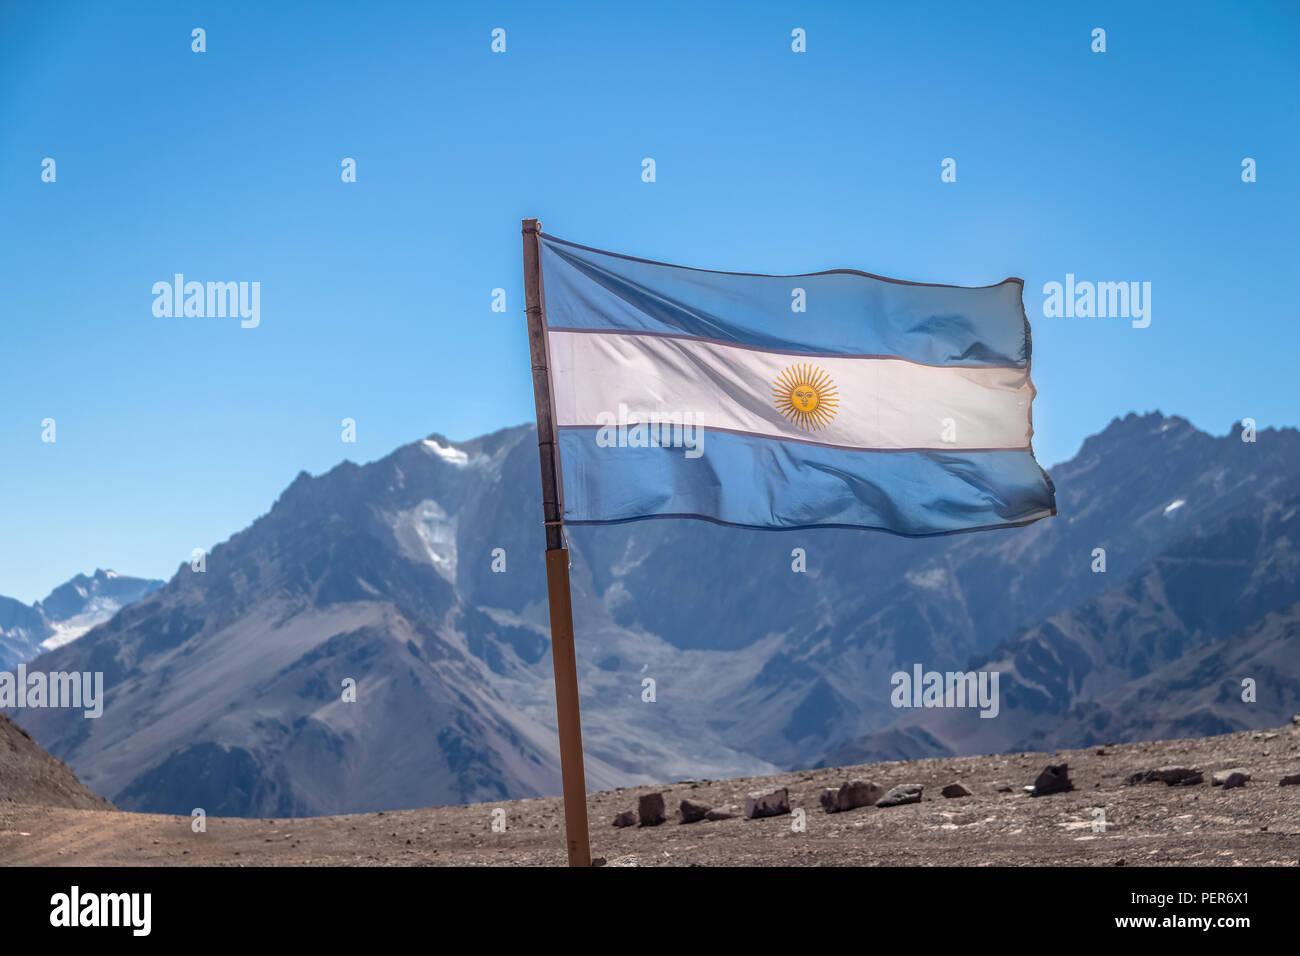 Argentinien Fahne mit Cerro Tolosa Berg auf Hintergrund in der Cordillera de Los Andes - Provinz Mendoza, Argentinien Stockfoto